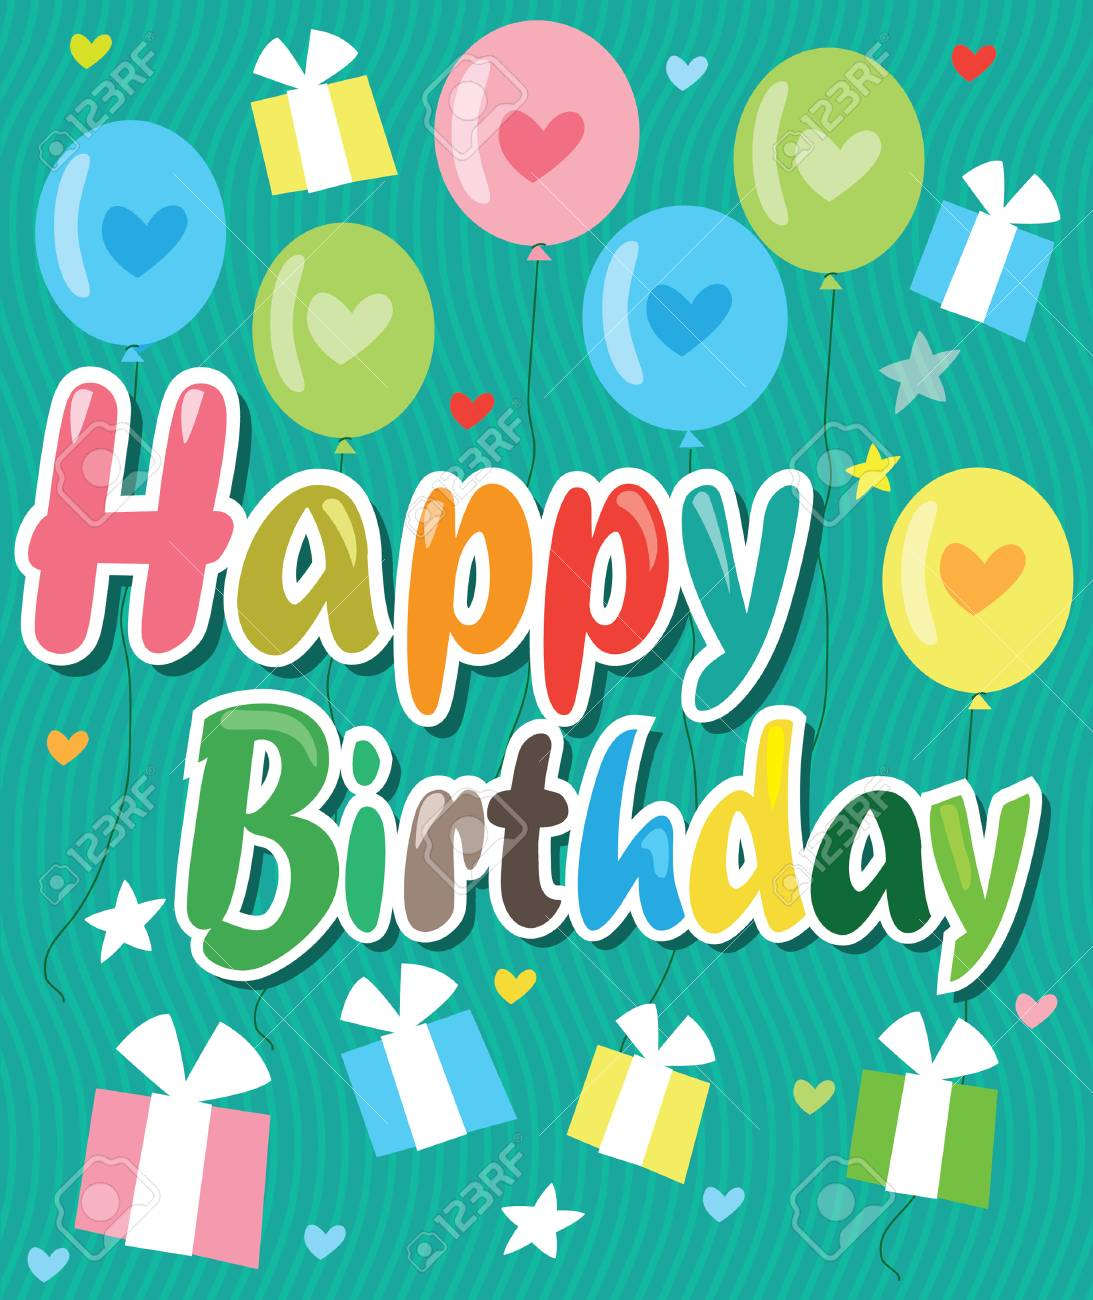 Tarjeta De Feliz Cumpleaños Con Globos De Colores Corazones Y Regalos Ilustración De Fondo Del Vector Ideas De Tarjetas De Feliz Cumpleaños